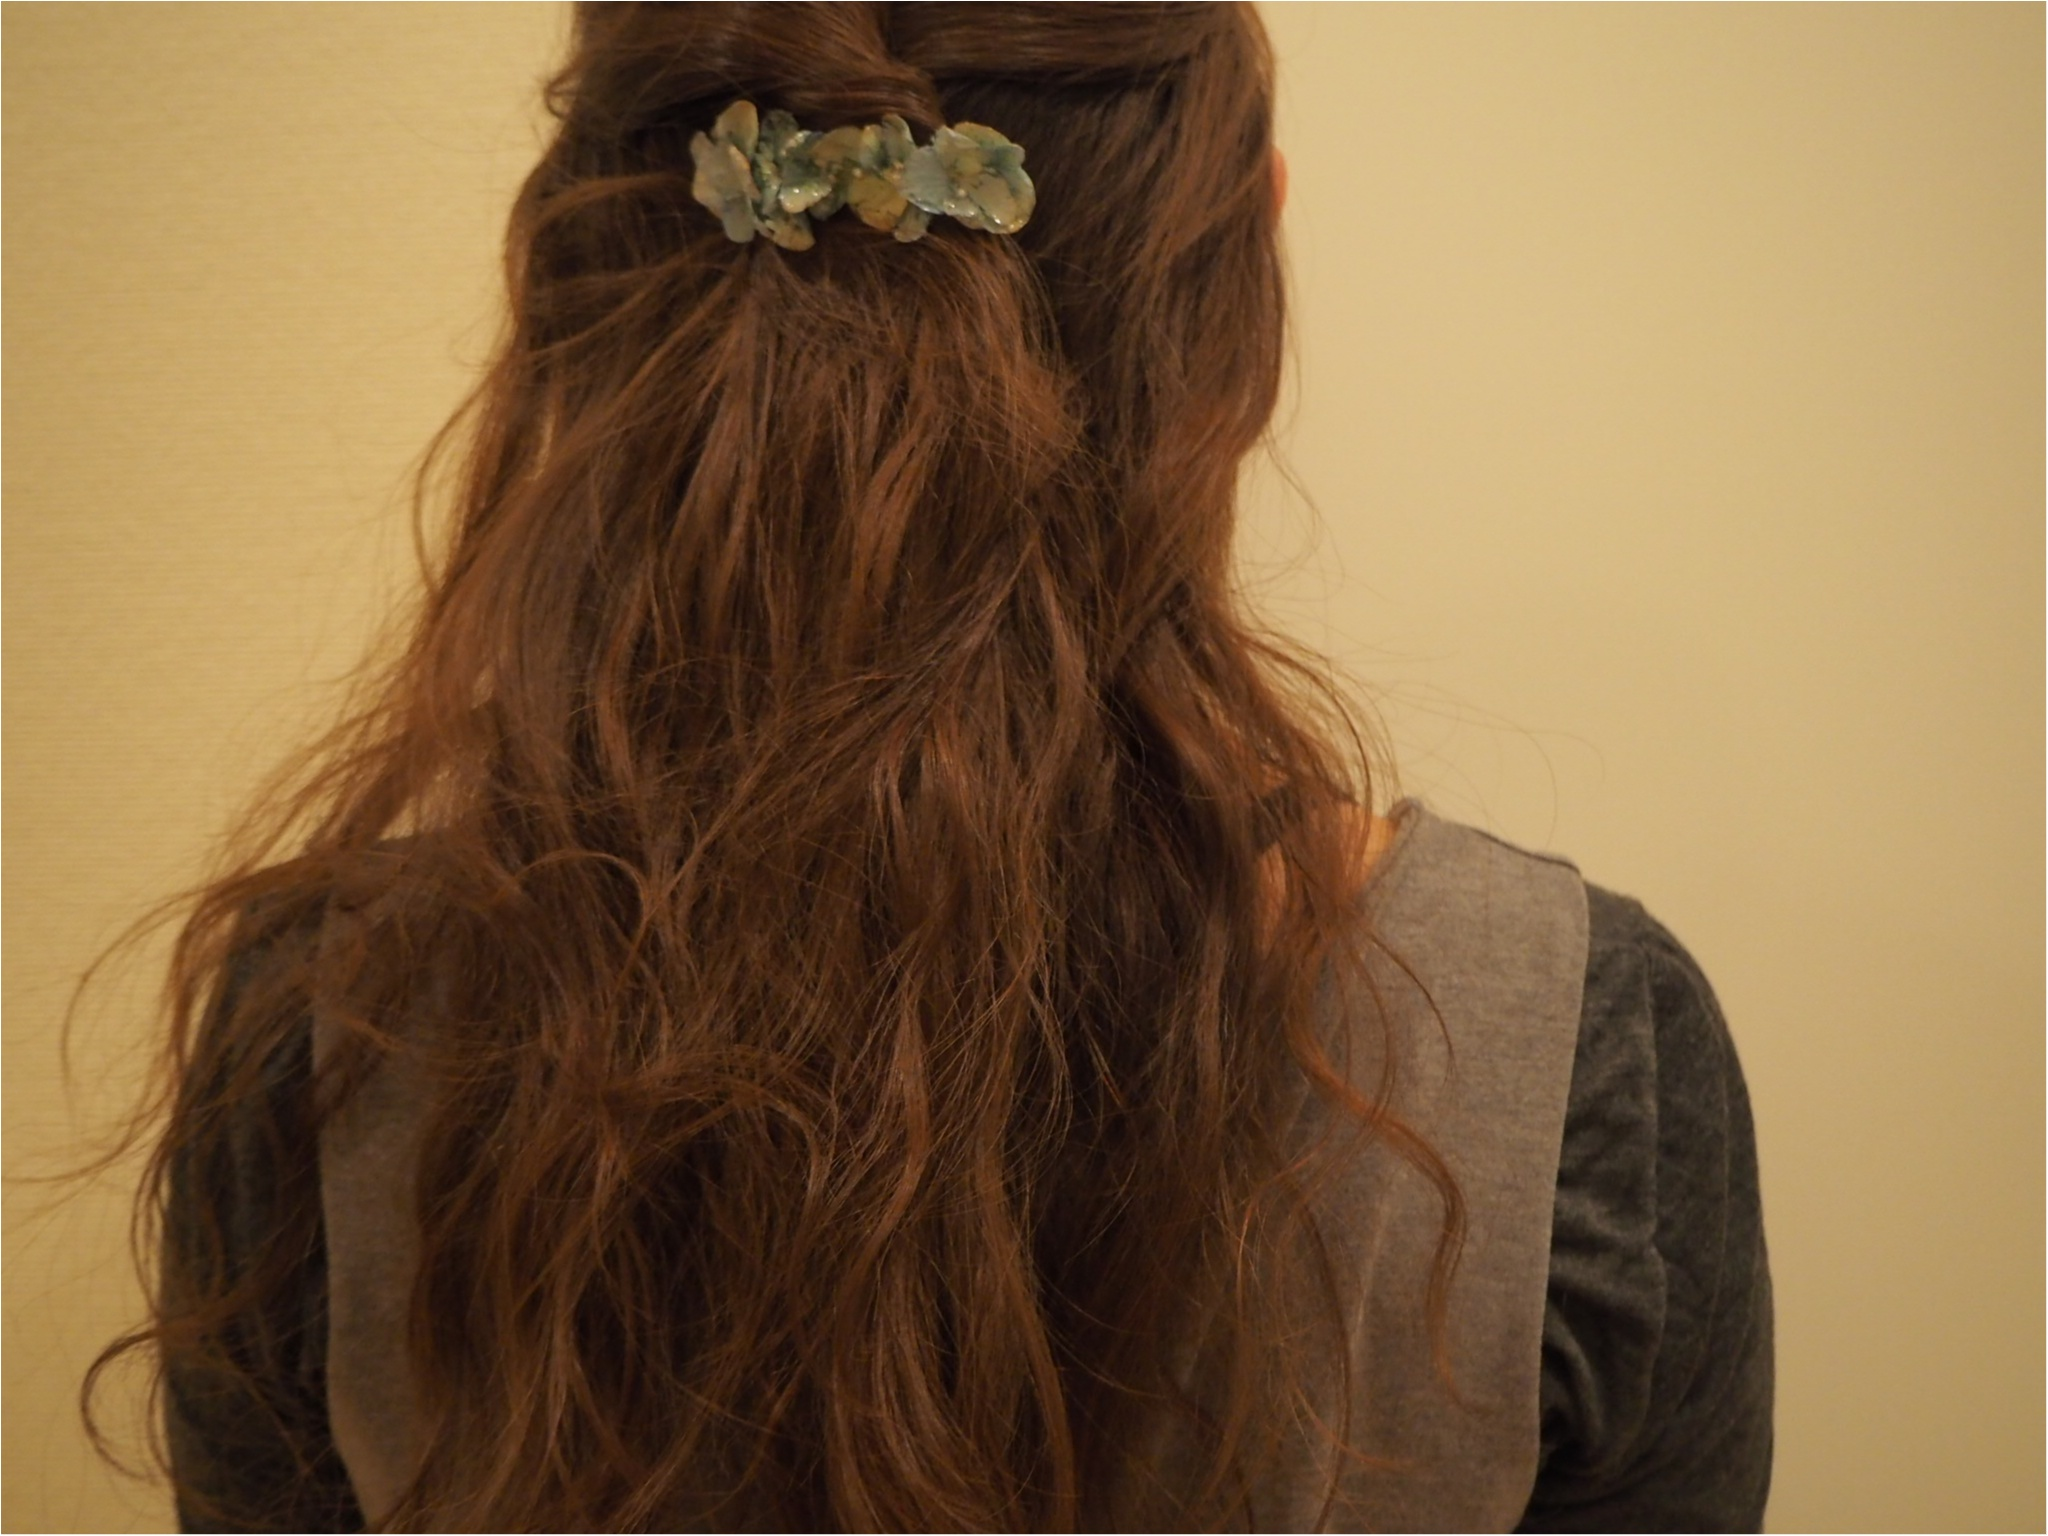 【ハンドメイド部】UVレジンを使って結婚式でいただいたお花を『ドライフラワーアクセサリー』にしてみました。_10